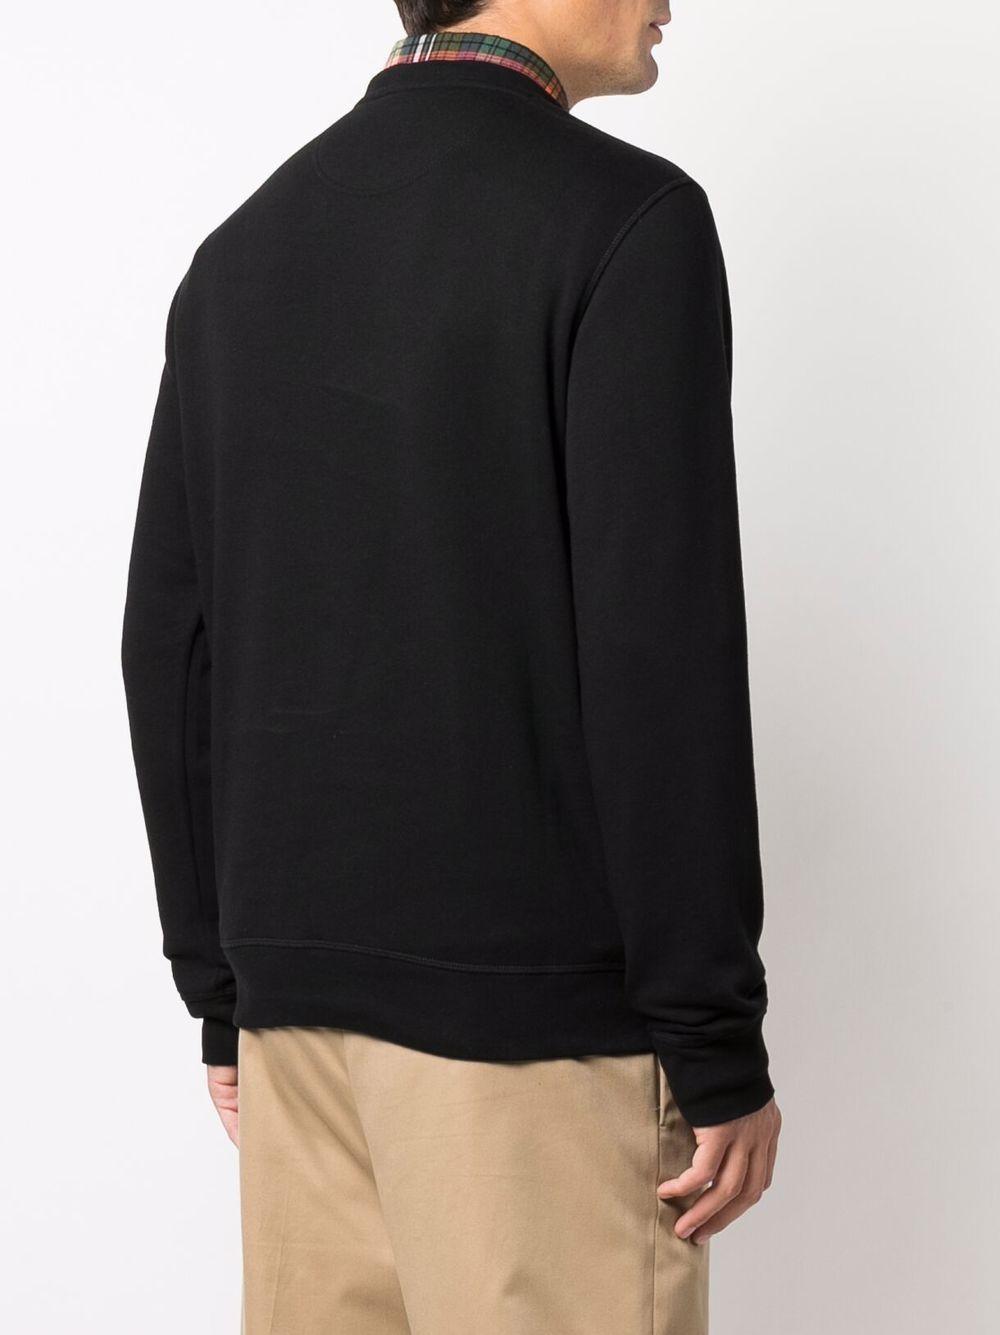 felpa con logo uomo nera in cotone BARBOUR   Felpe   M0L0156BK31